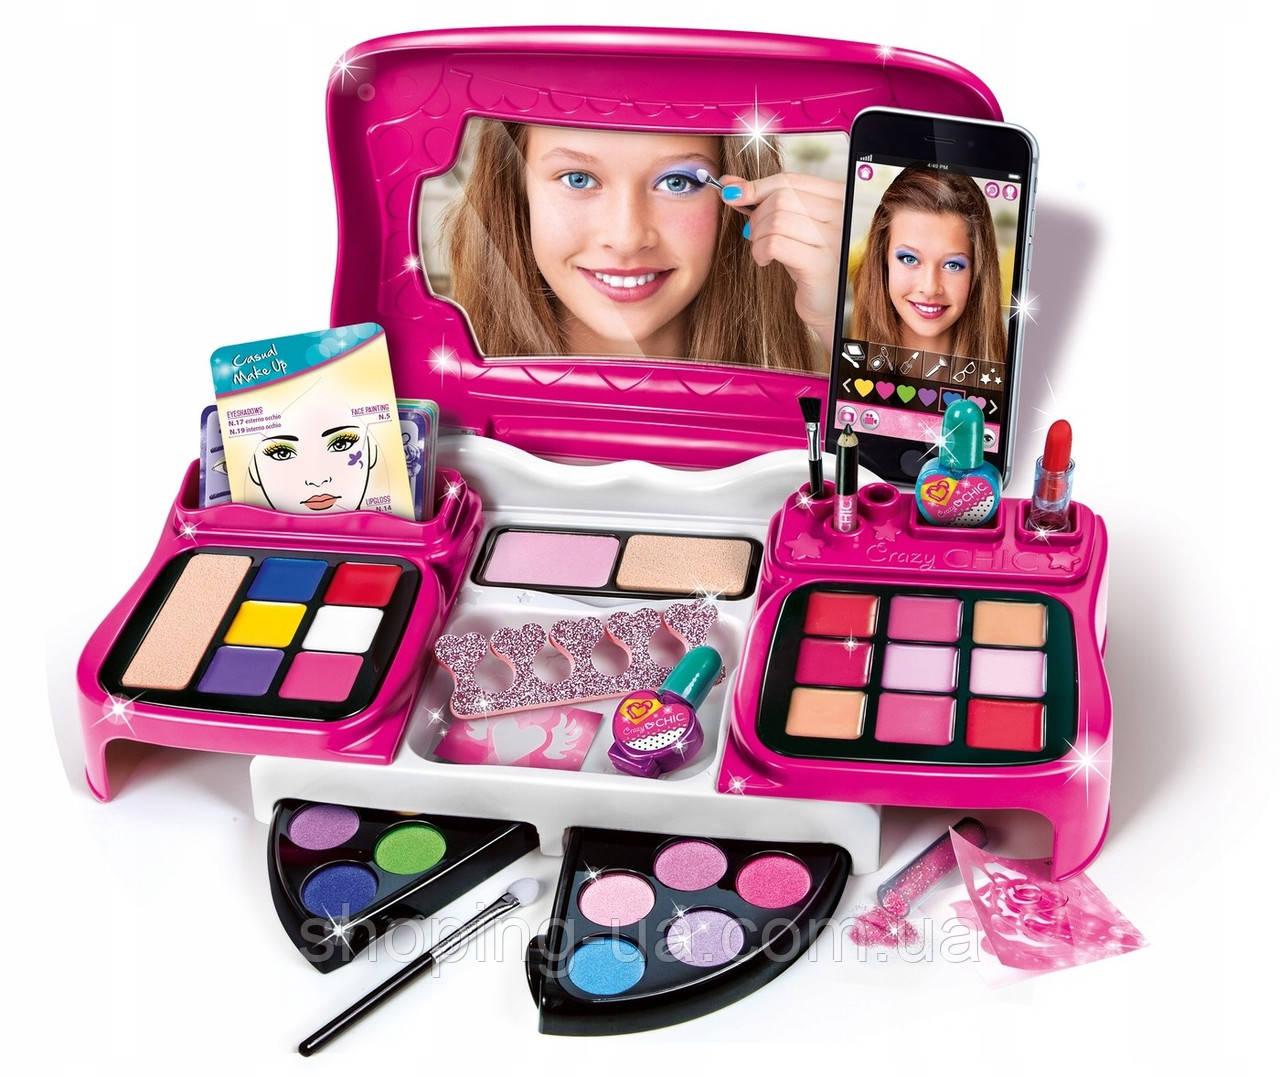 Make up artist косметика купить купить в казахстане профессиональную косметику